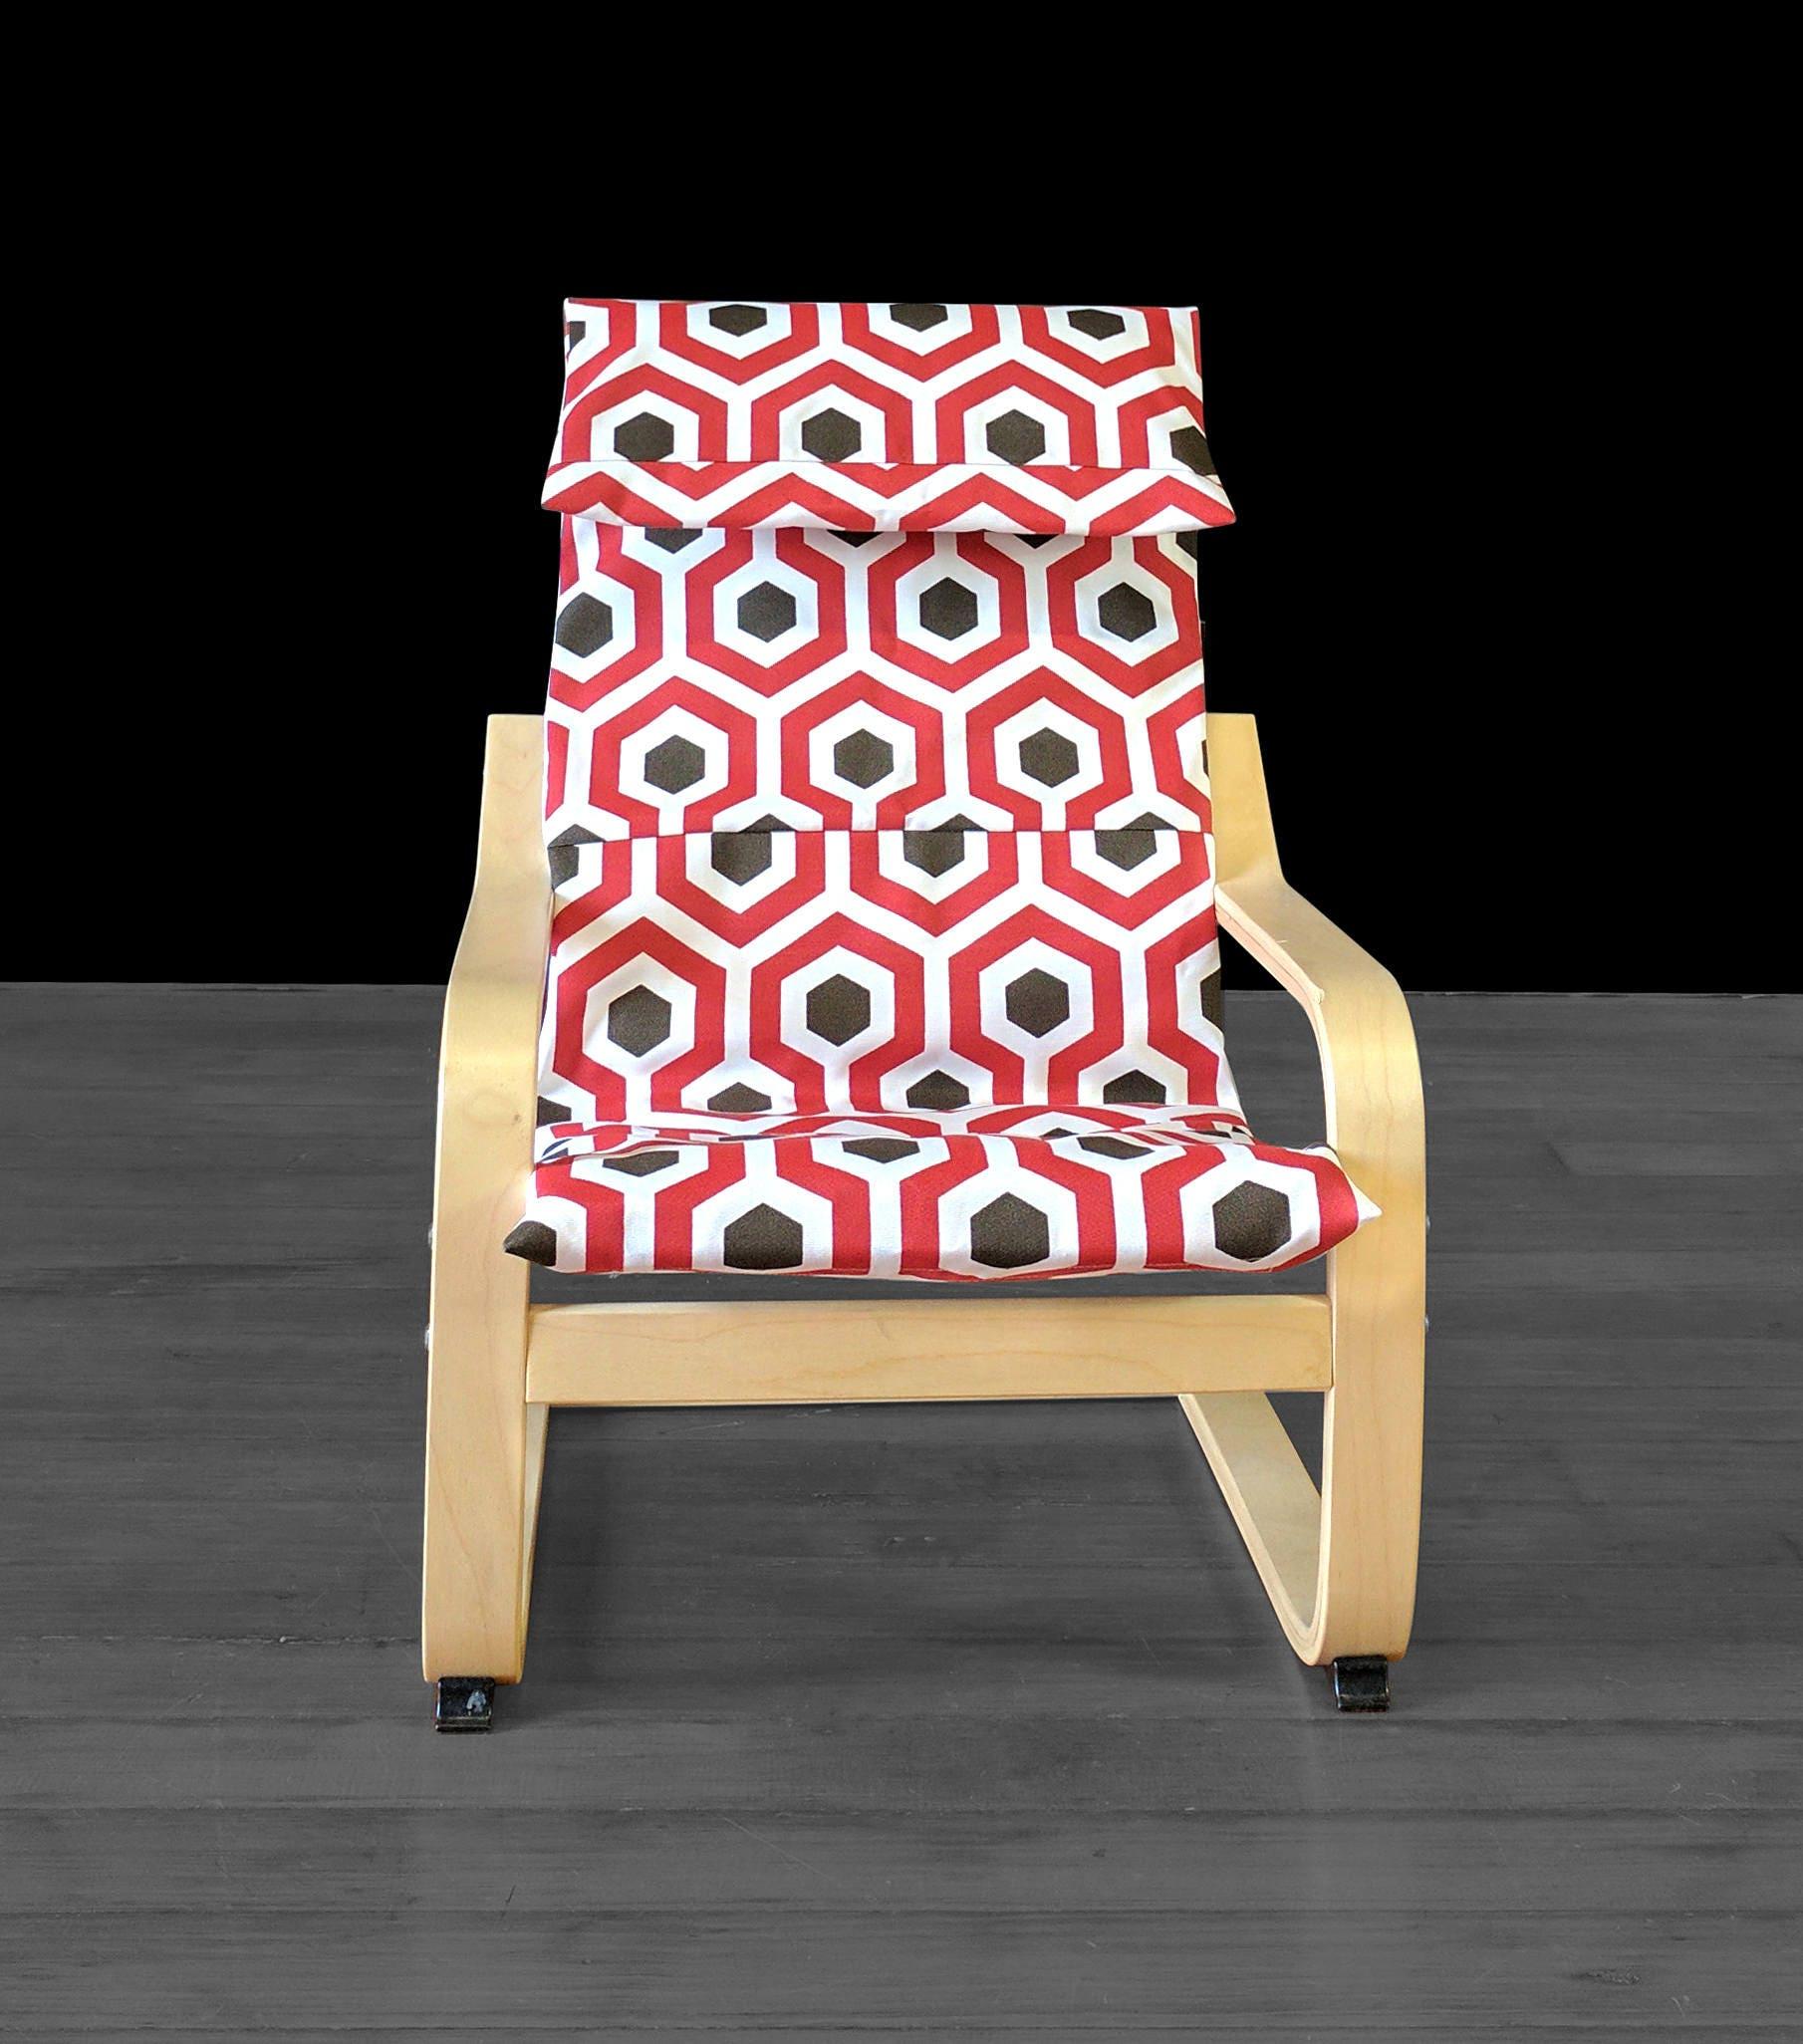 rot braun sechseck ikea kinder po ng kissen betttuch magna etsy. Black Bedroom Furniture Sets. Home Design Ideas